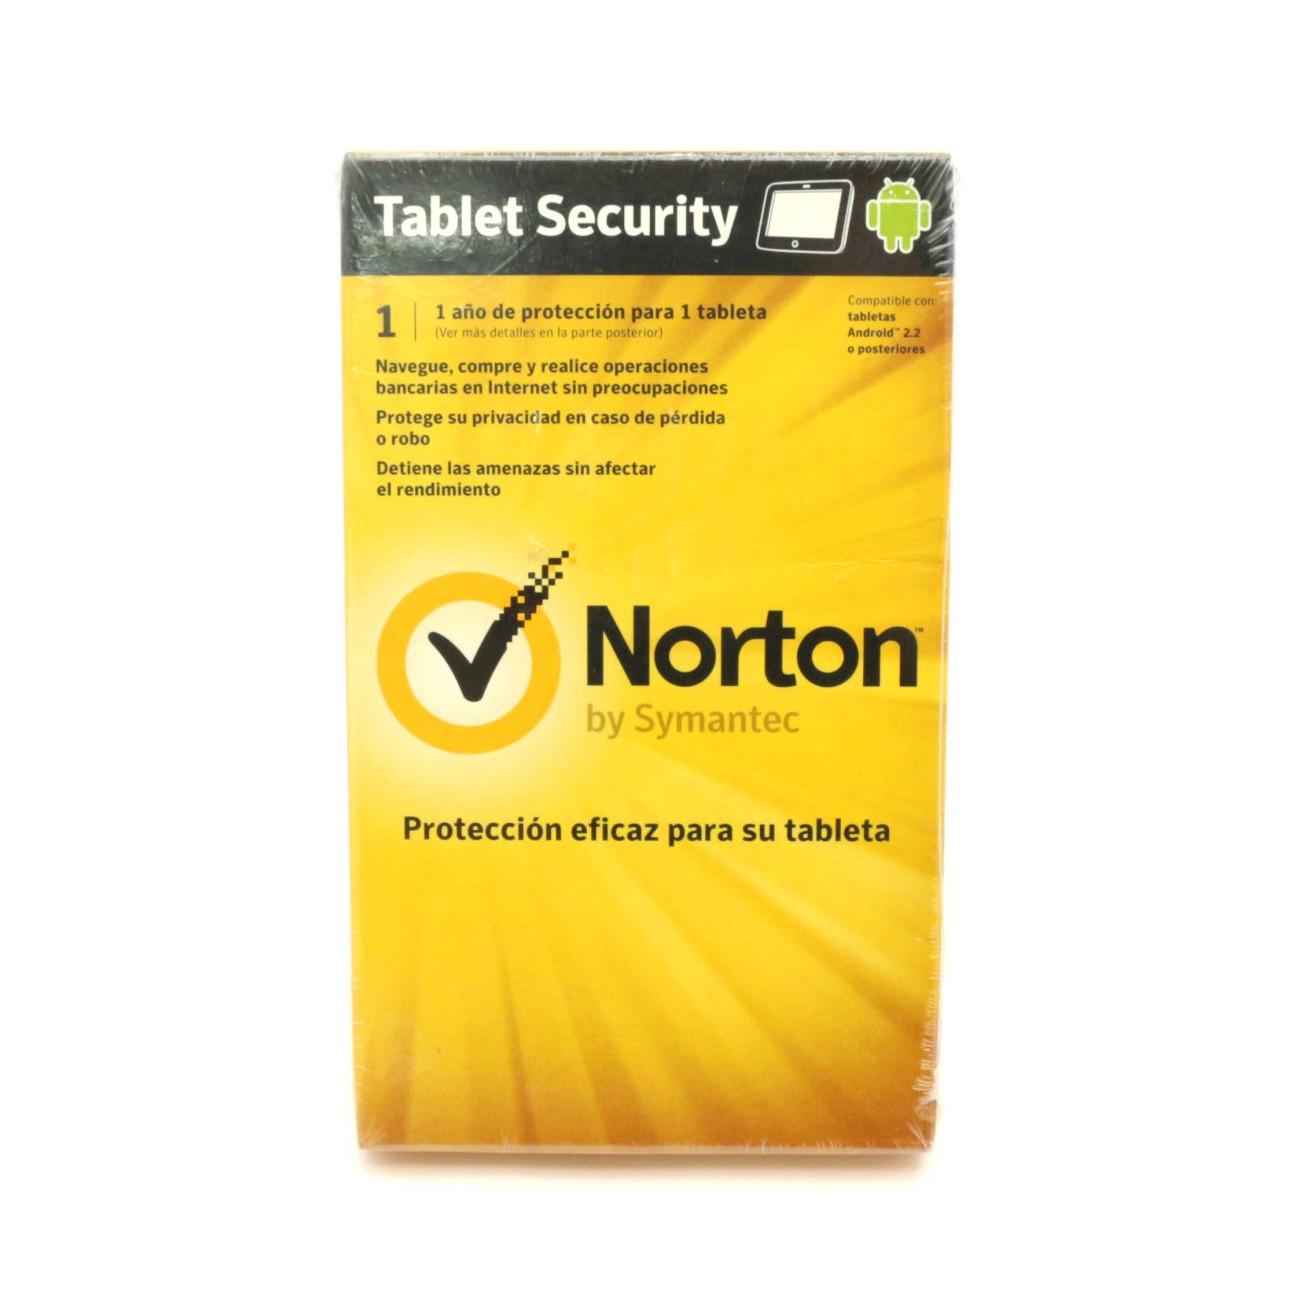 Norton Tablet Security by Symantec für Android